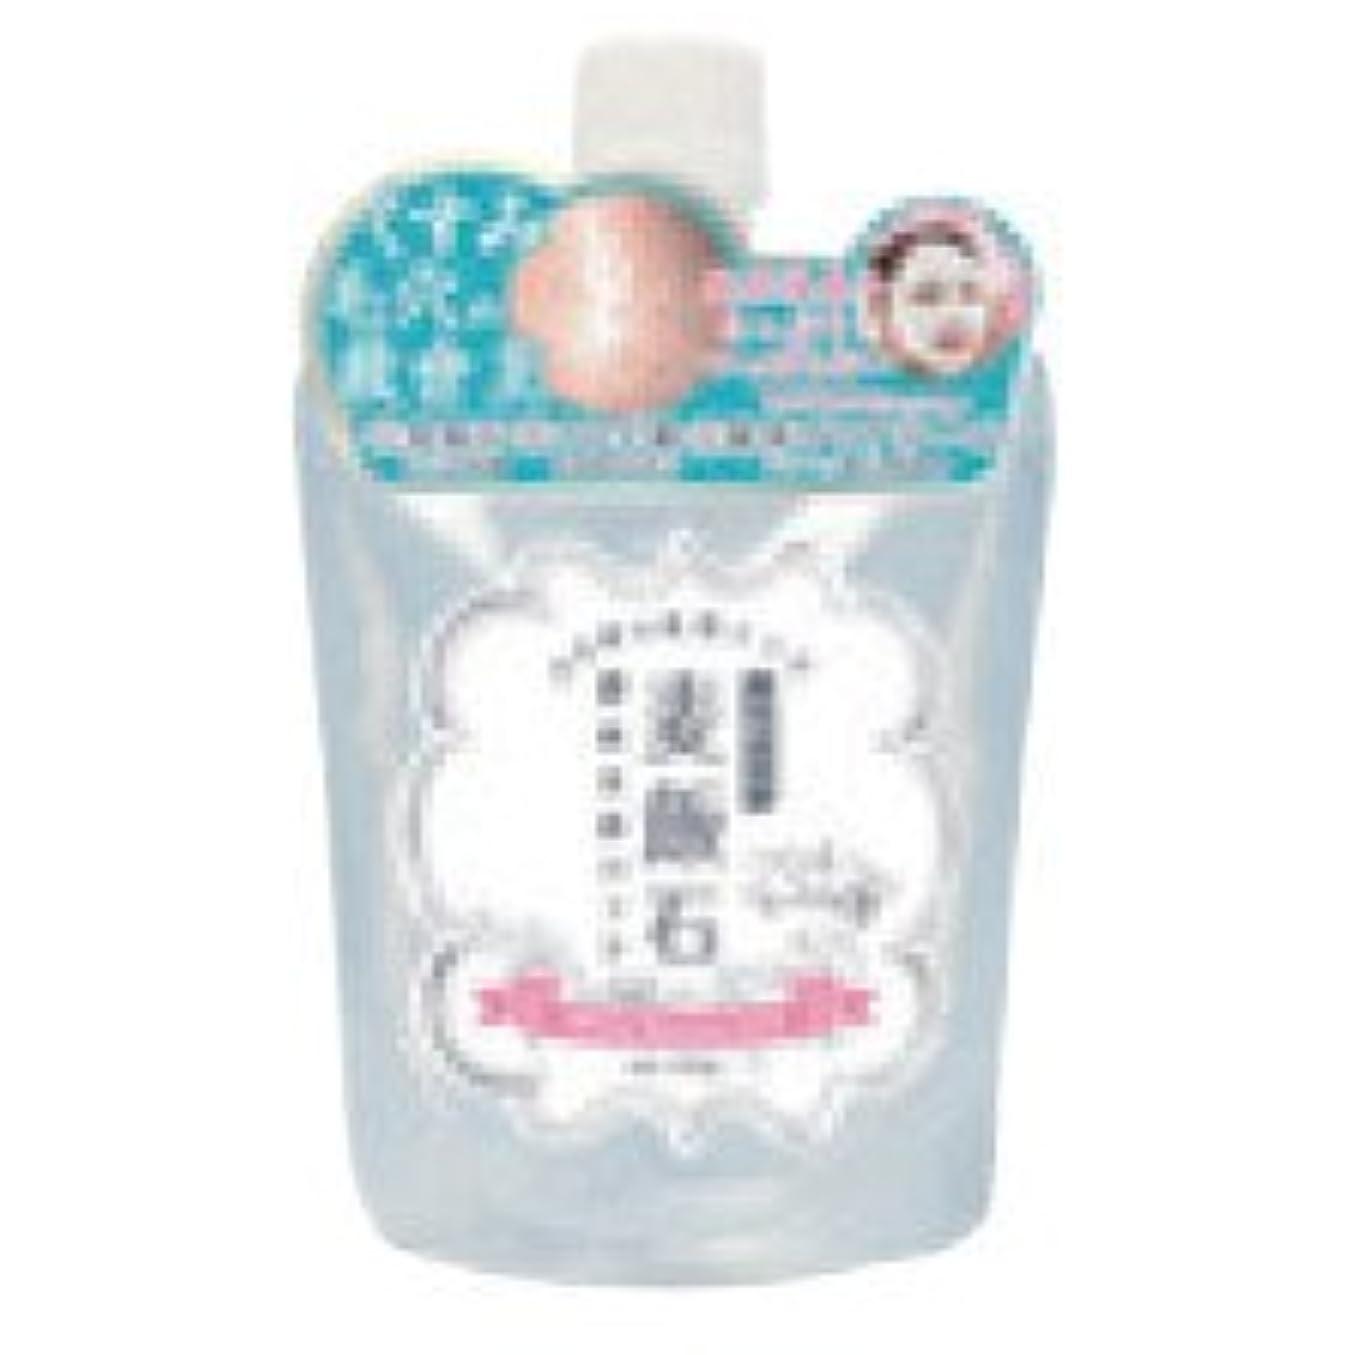 開示するに変わるエキスホワイトムースパック 美濃白川麦飯石酵素洗顔パック 100g 3個セット